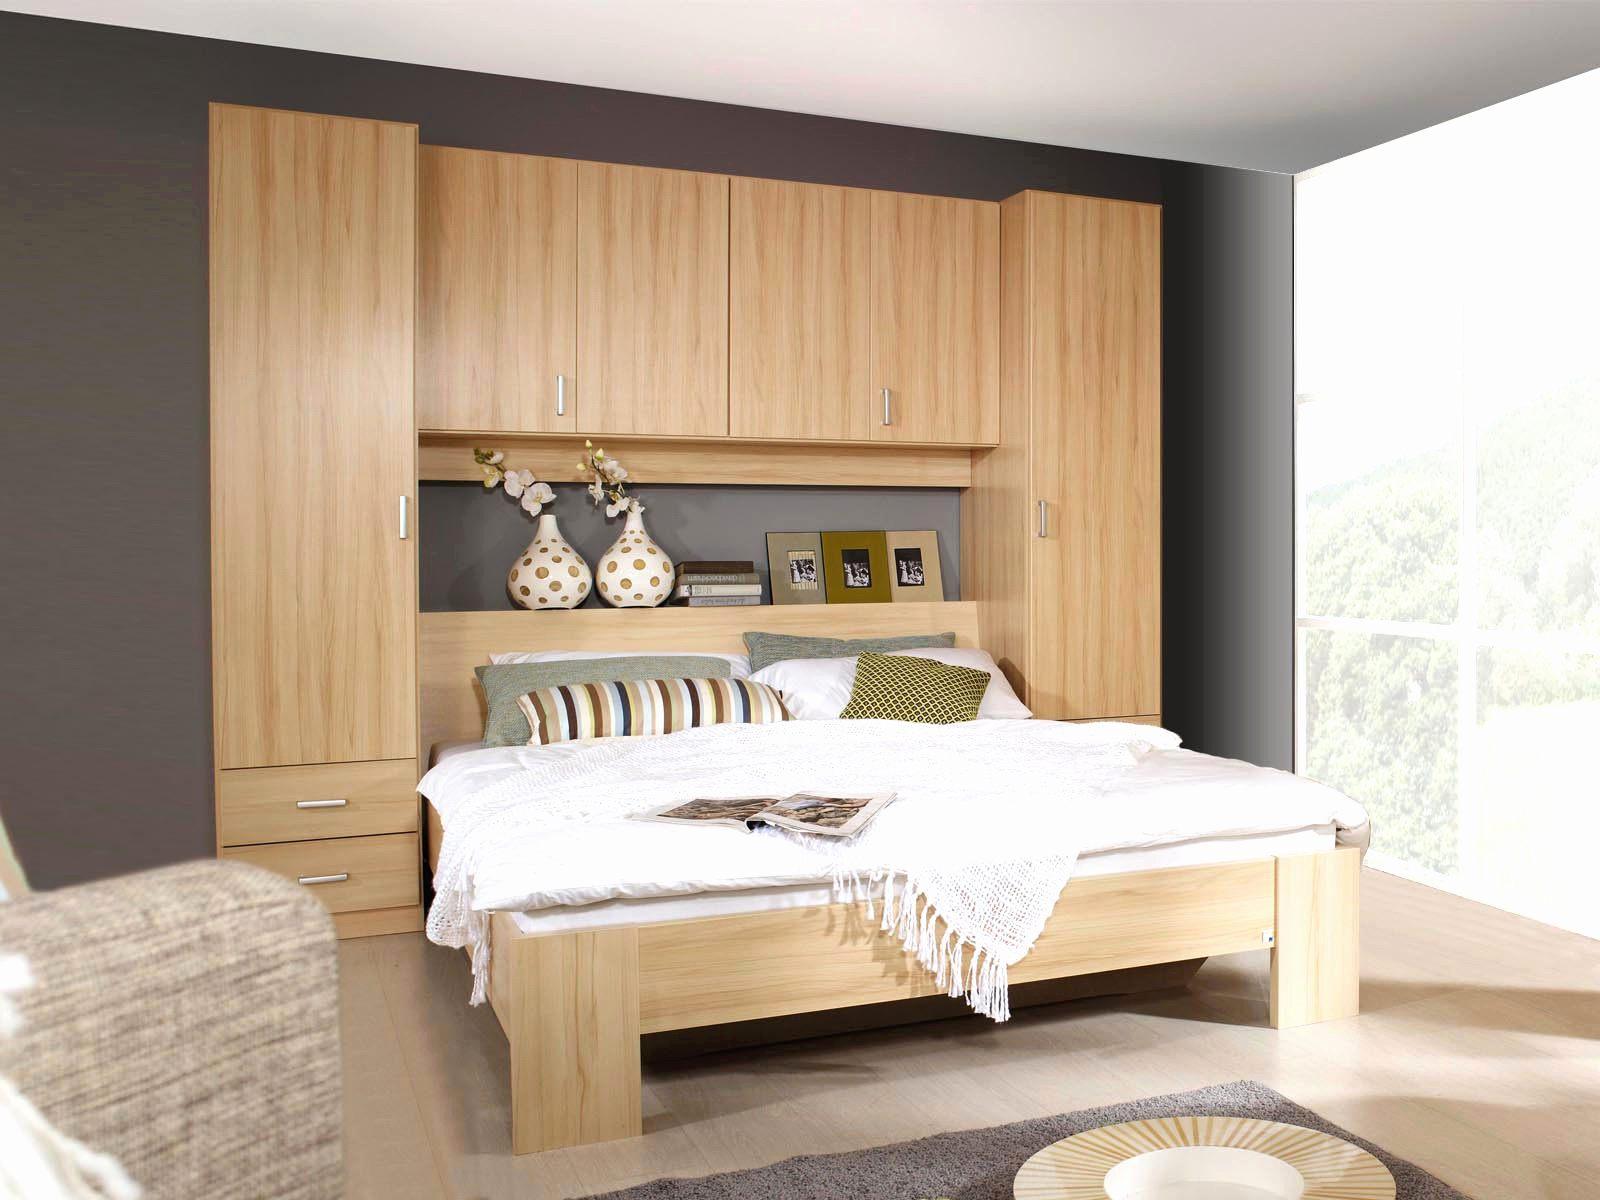 Lit Mezzanine Alinea 1 Place De Luxe Lit Dans Armoire Génial Armoire Electrique Schneider Nouveau Lit